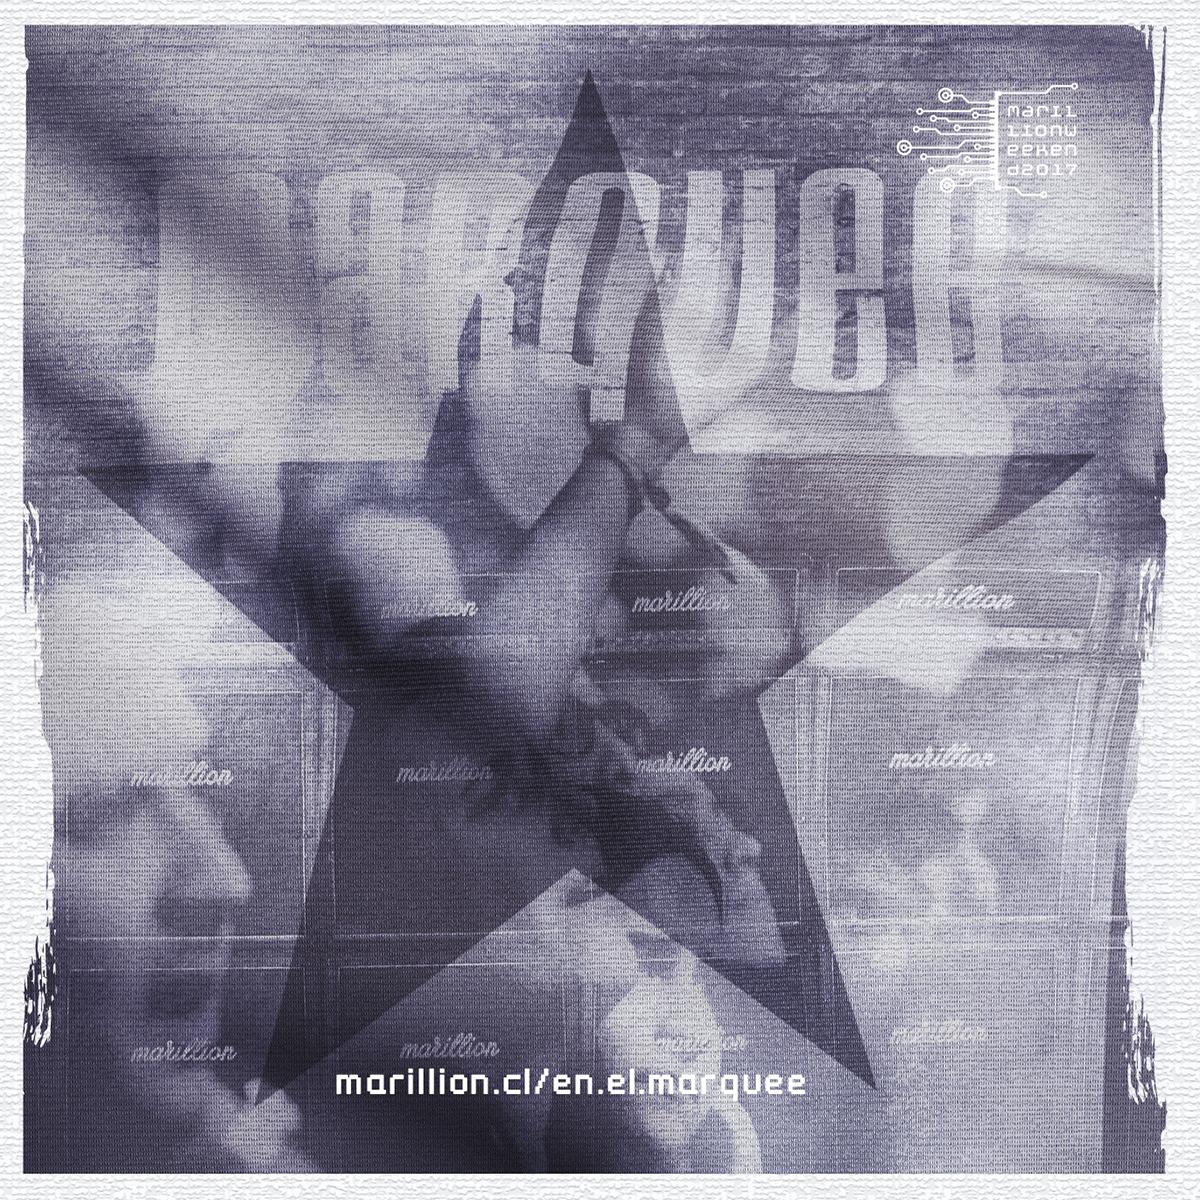 MARILLION.CL/EN.EL.MARQUEE LIVE ALBUM